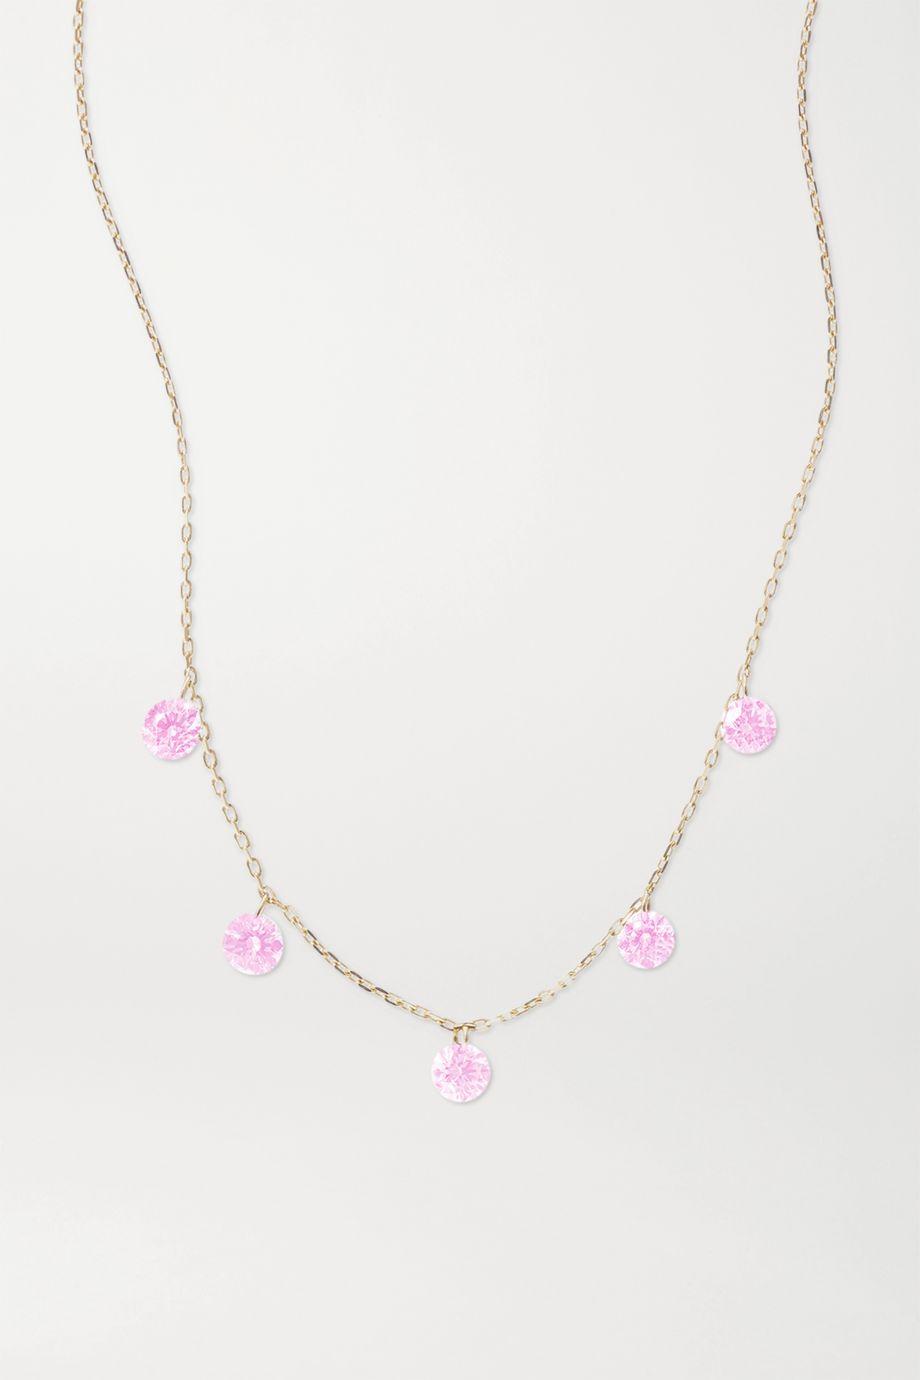 Persée La Vie en Rose gold sapphire necklace